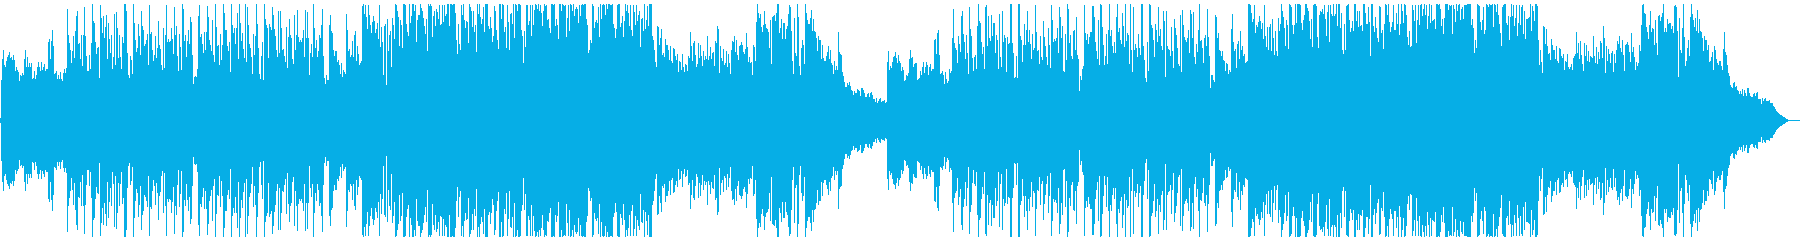 怪しいメルヘン造語歌の再生済みの波形